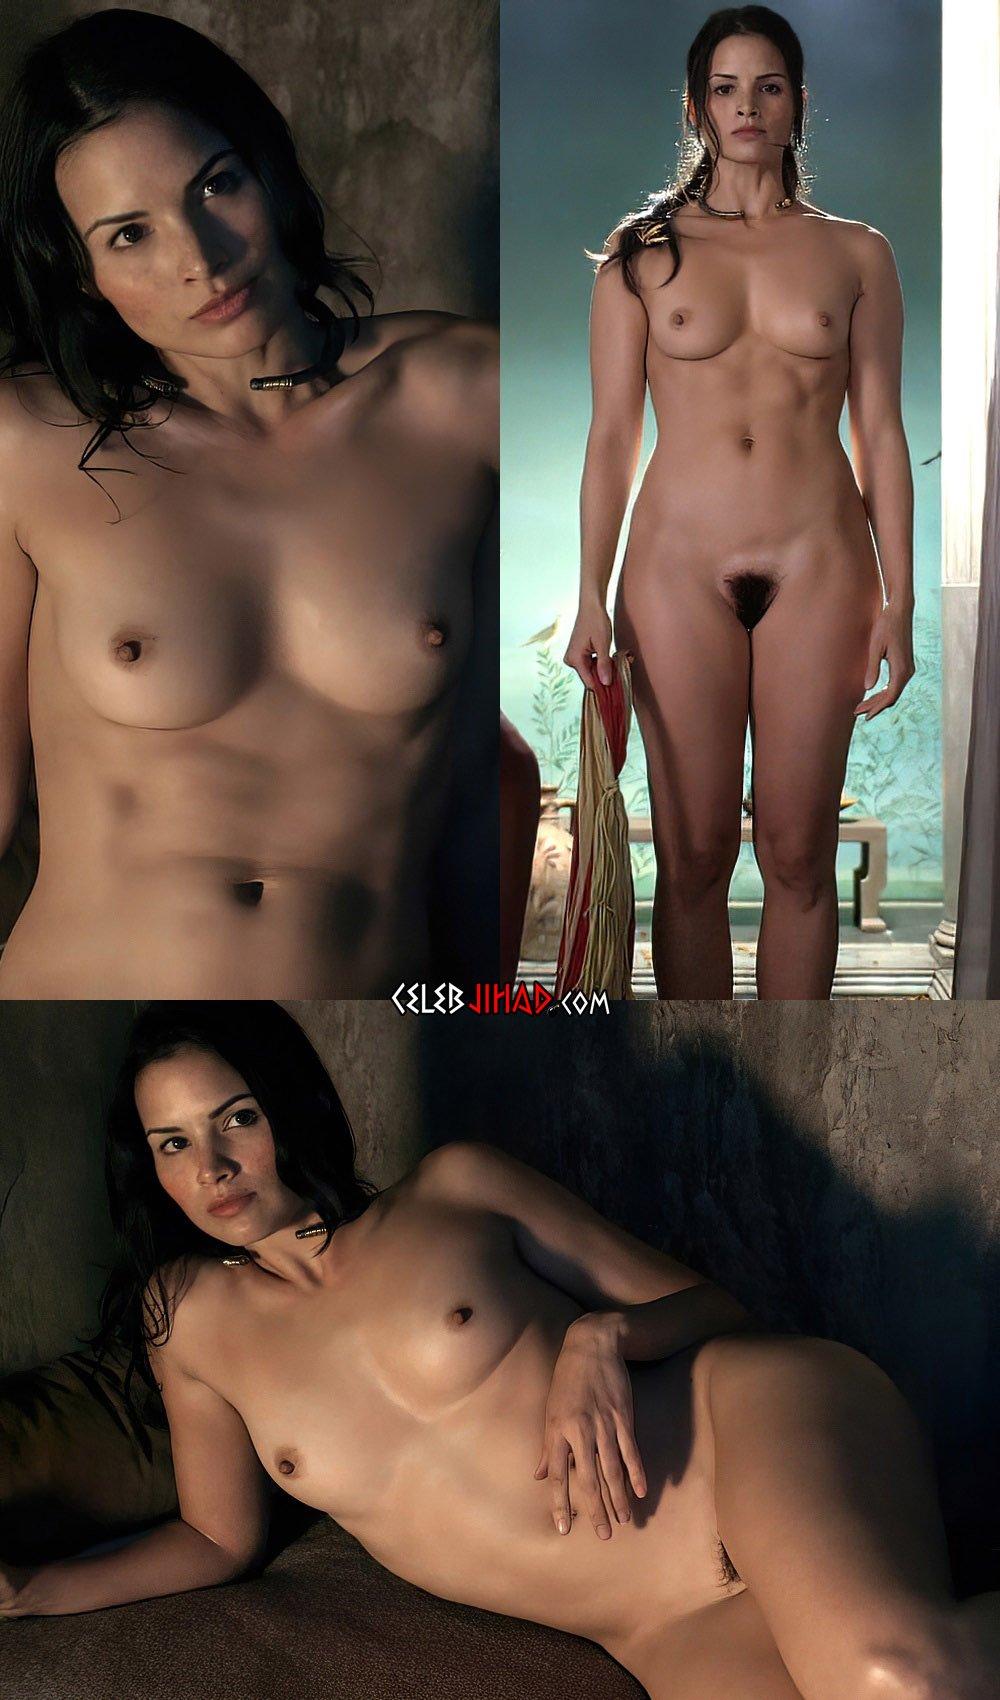 A.I. Enhanced Celebrity Nudes Vol. 3